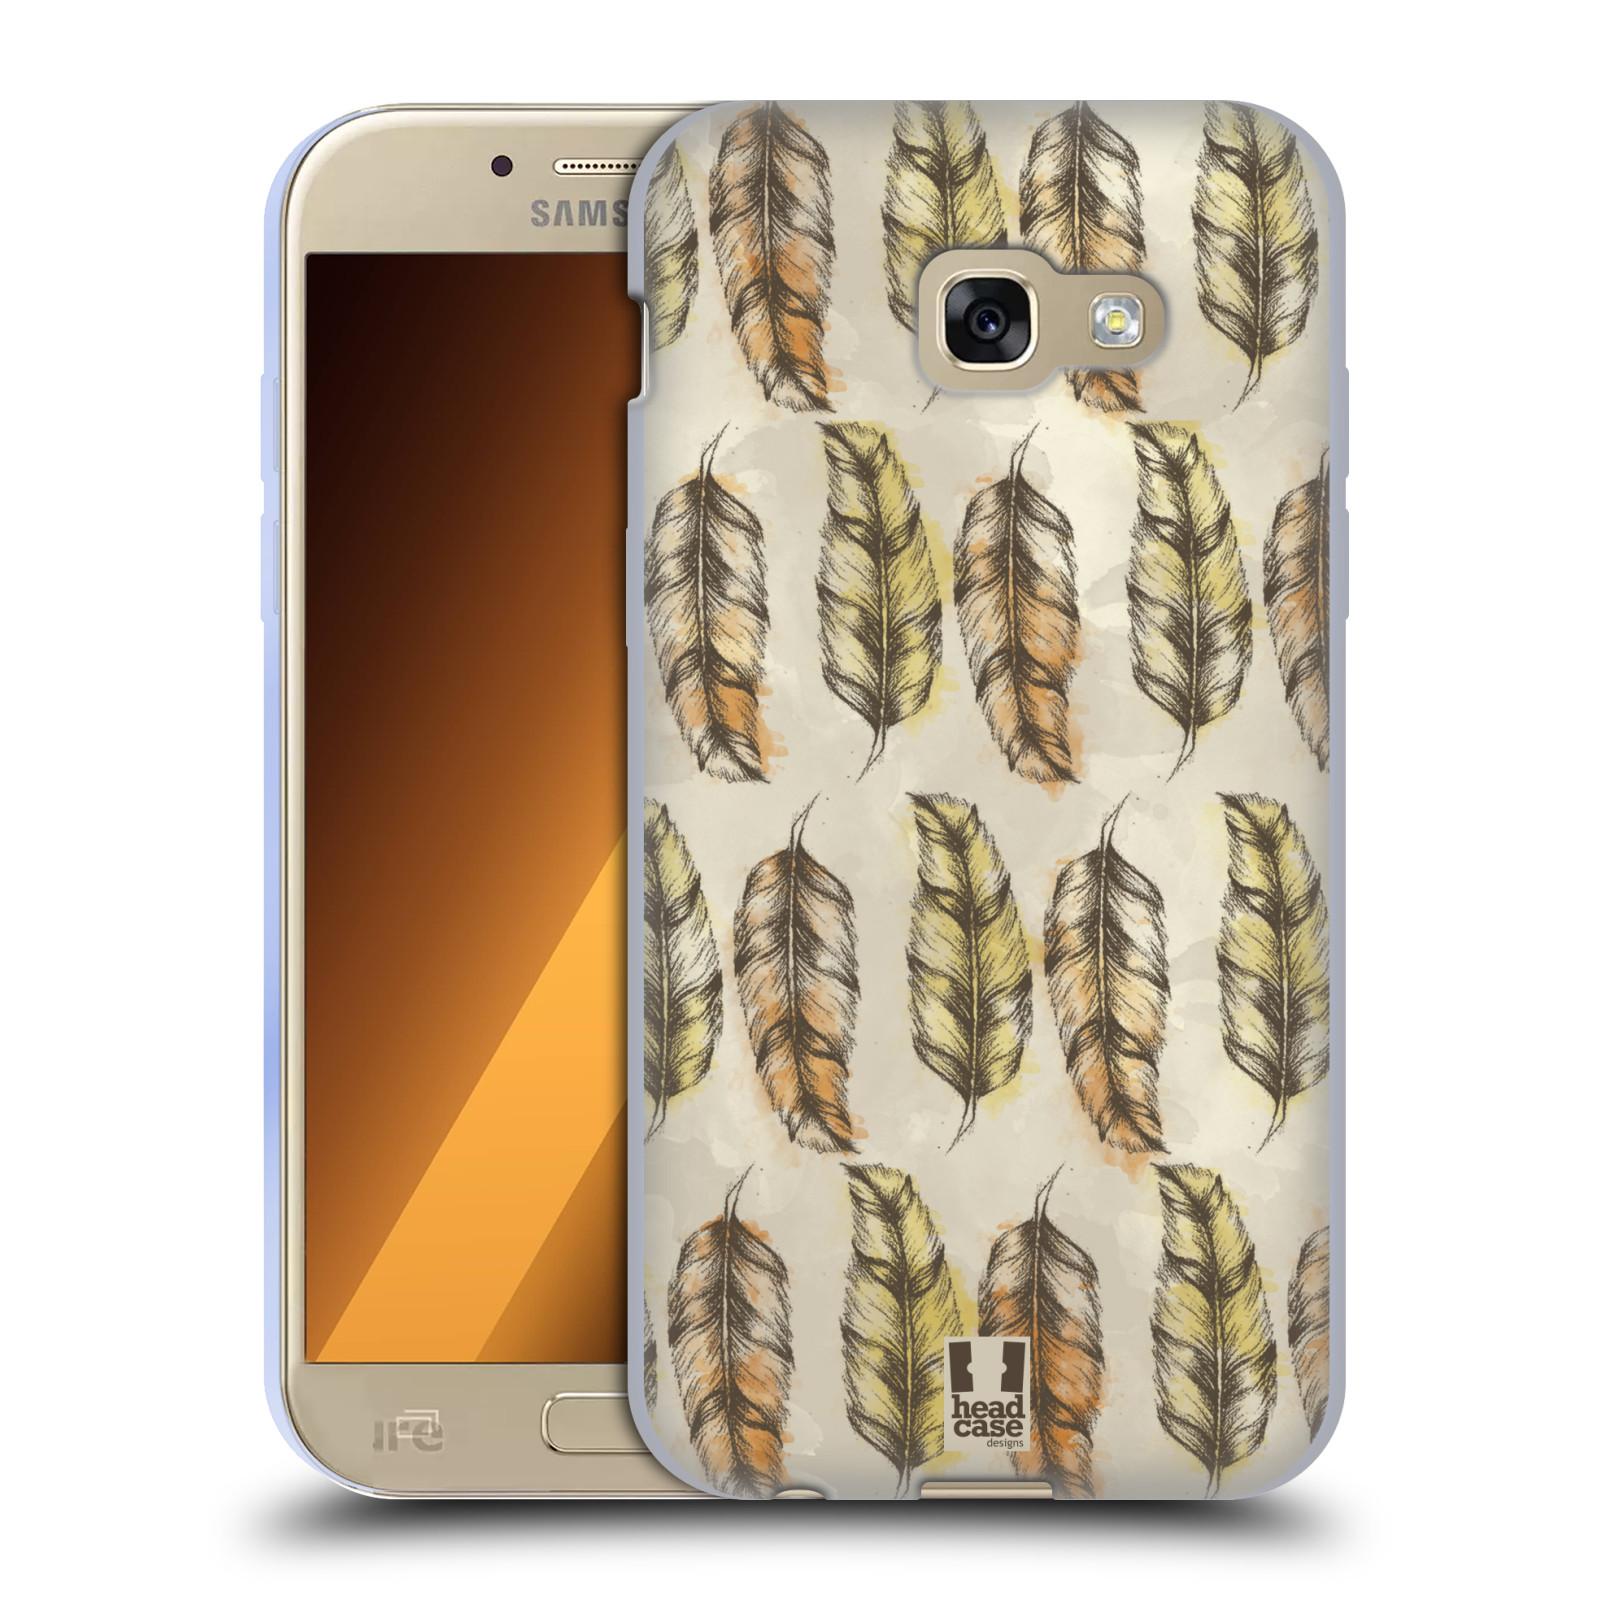 Silikonové pouzdro na mobil Samsung Galaxy A5 (2017) - Head Case - Bohémská pírka (Silikonový kryt či obal na mobilní telefon s motivem Bohemian Soul pro Samsung Galaxy A5 2017 SM-A520)